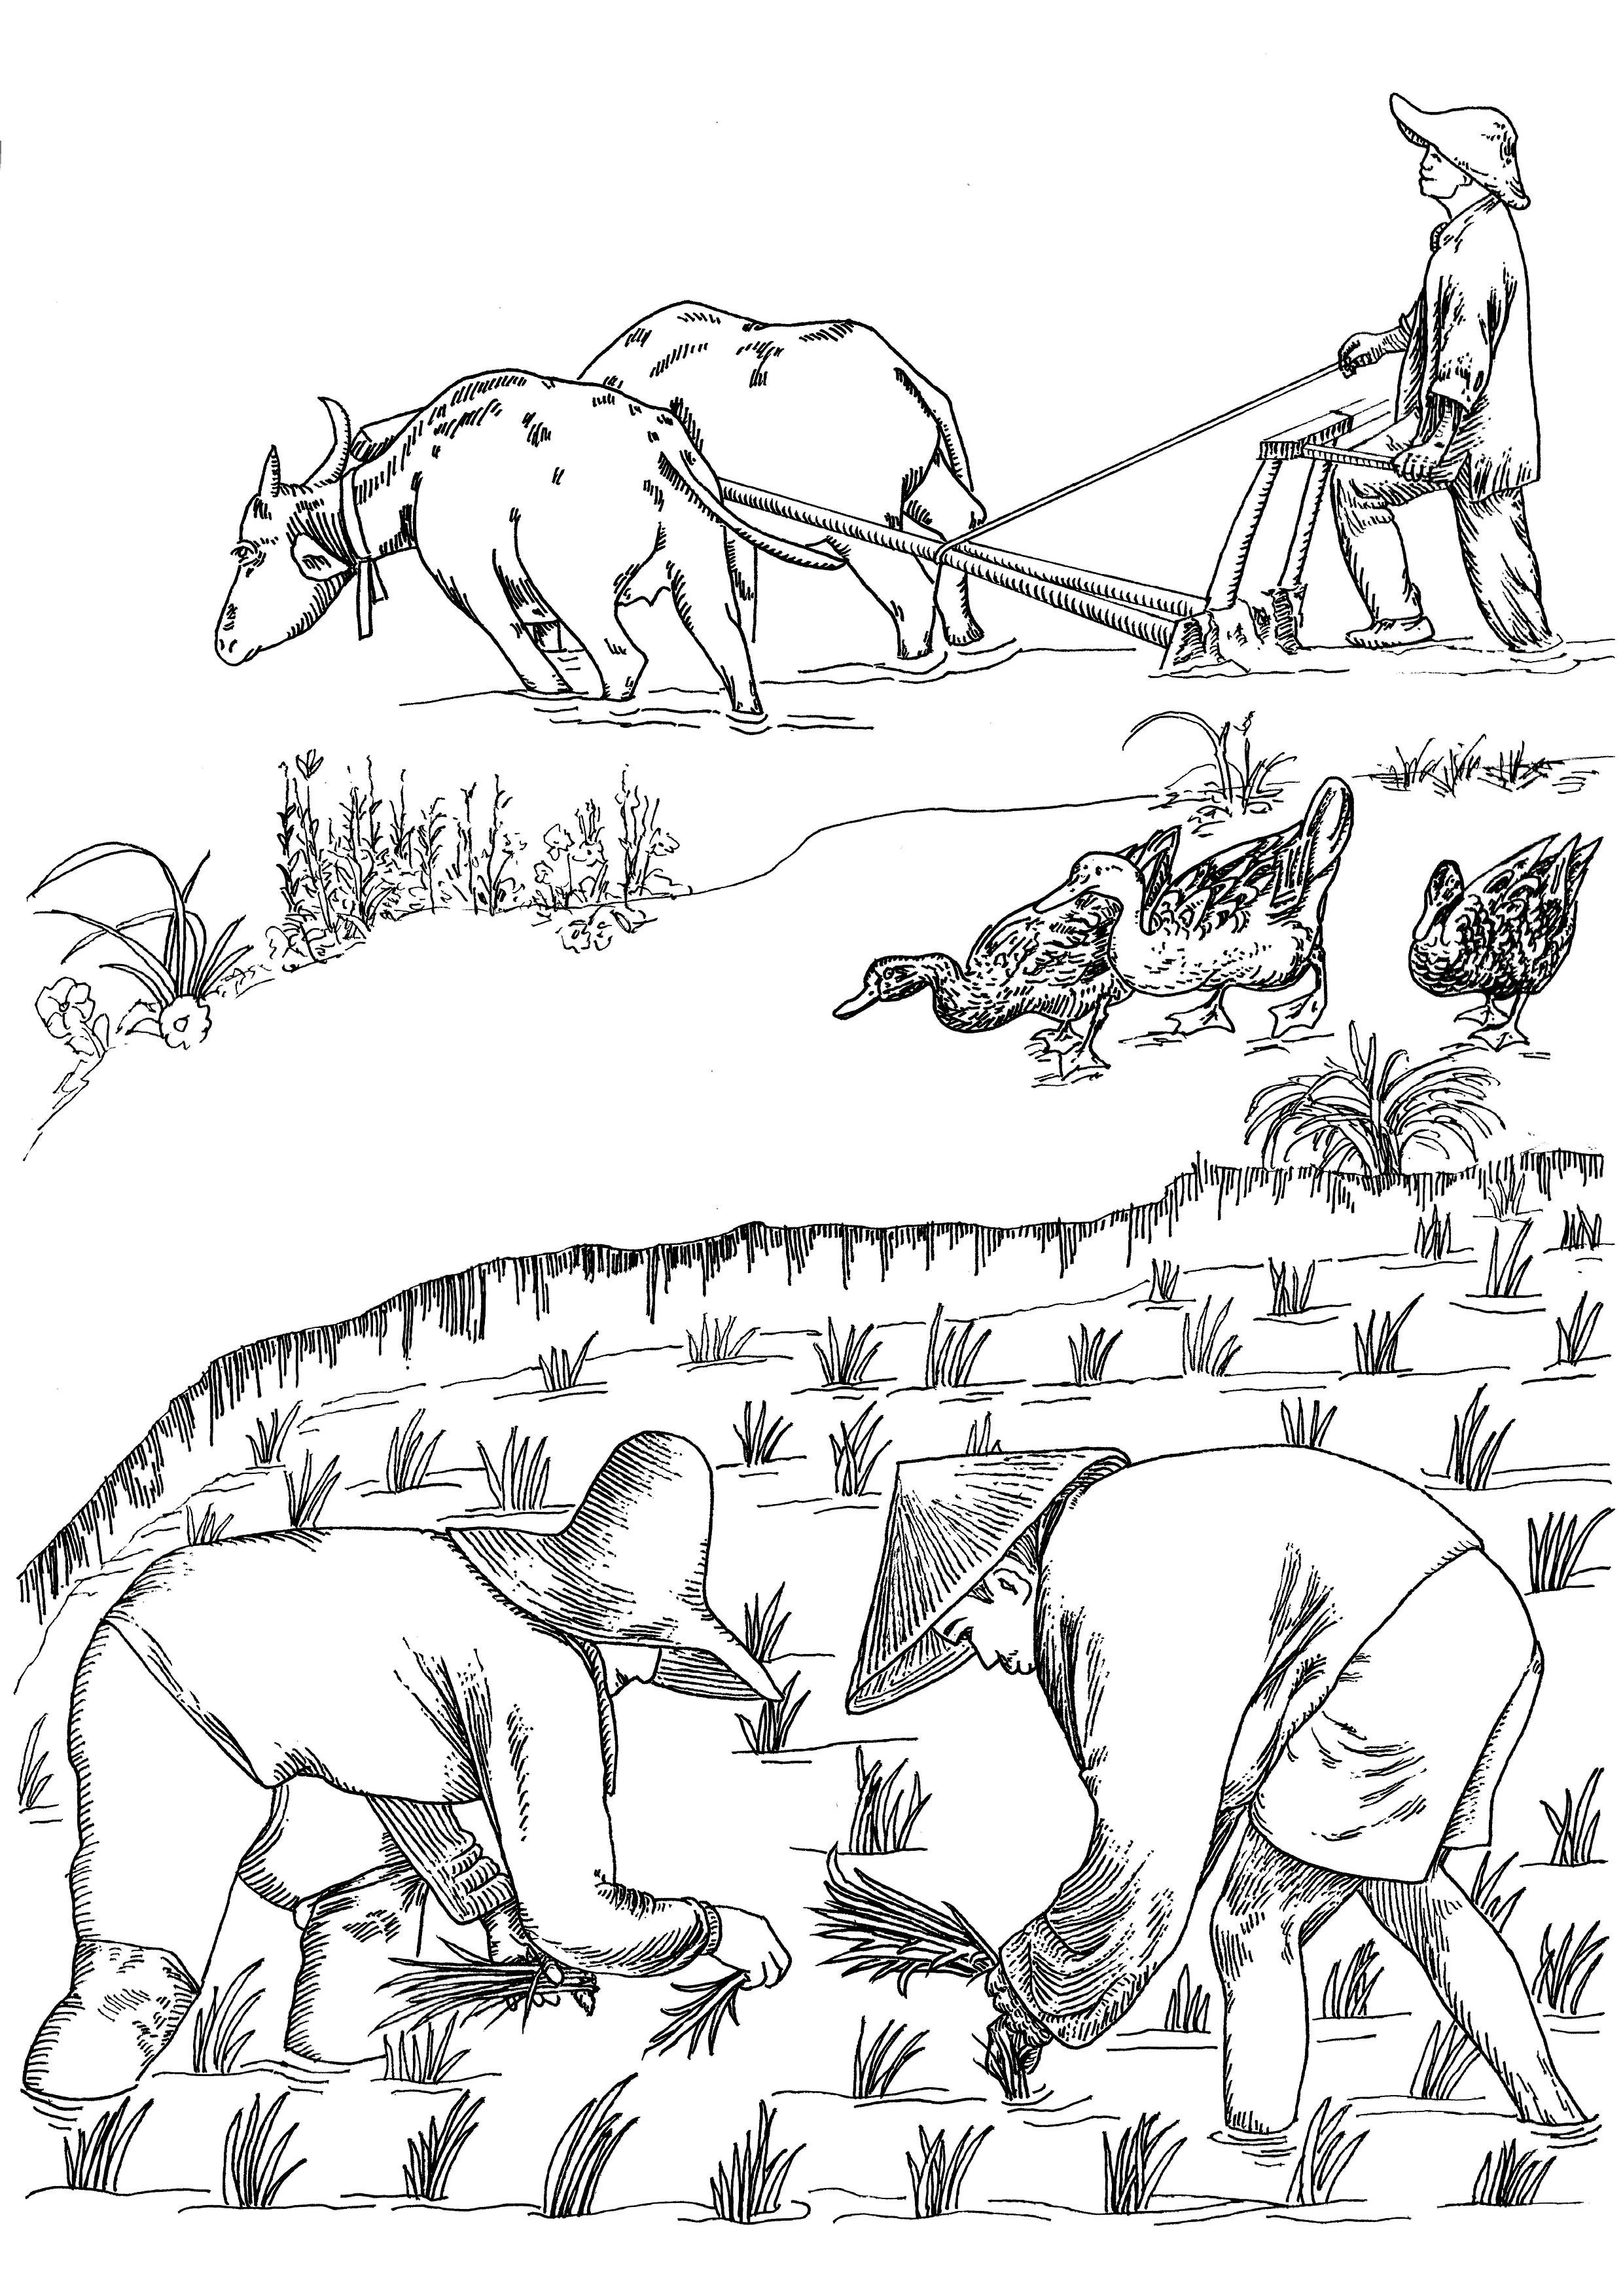 耕田 耕种 耕牛 稻田 鸭子图片